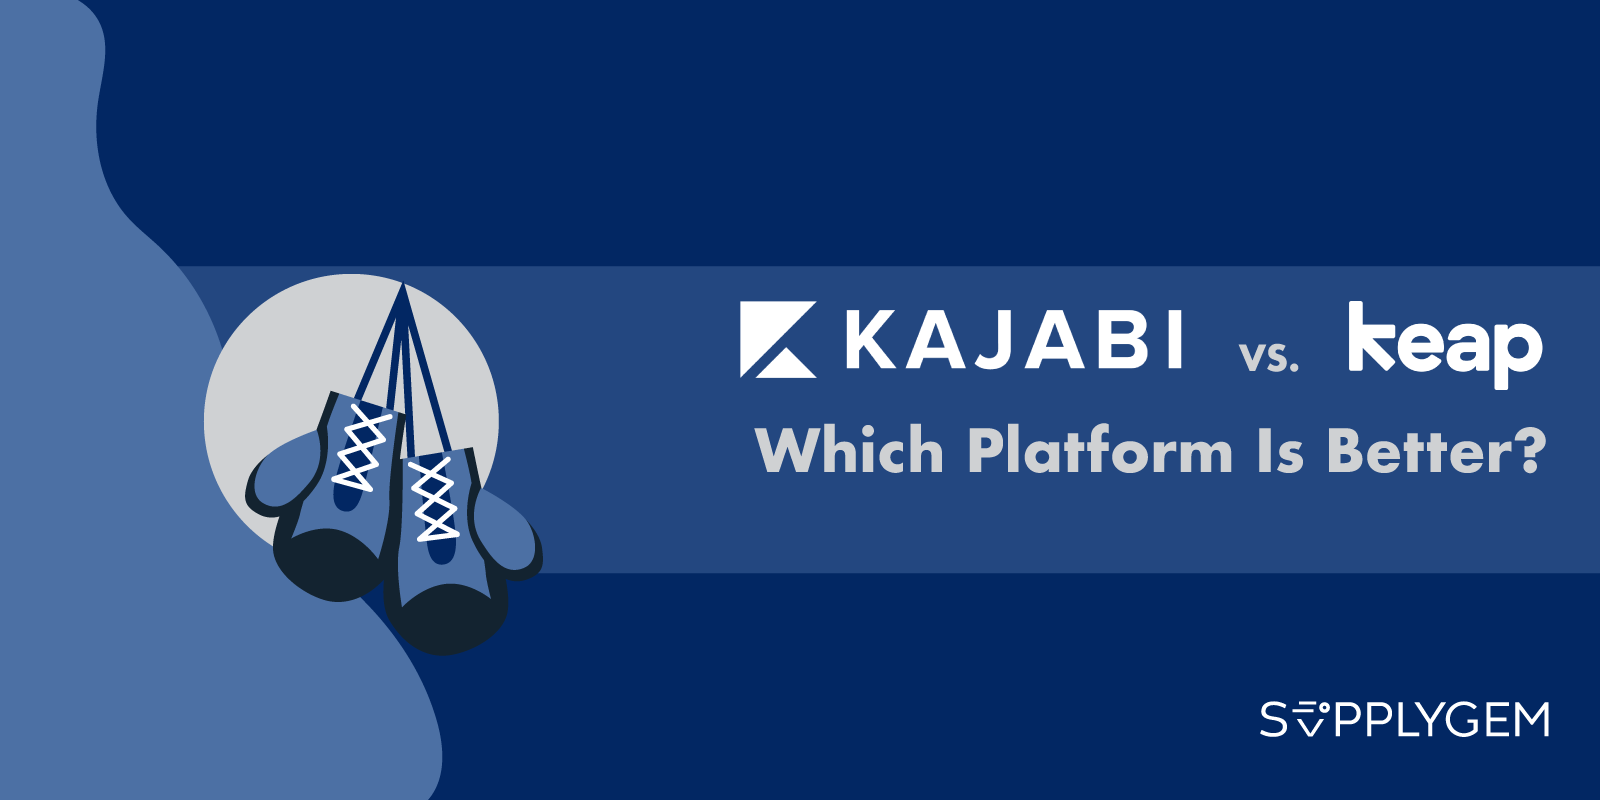 Kajabi vs. Keap